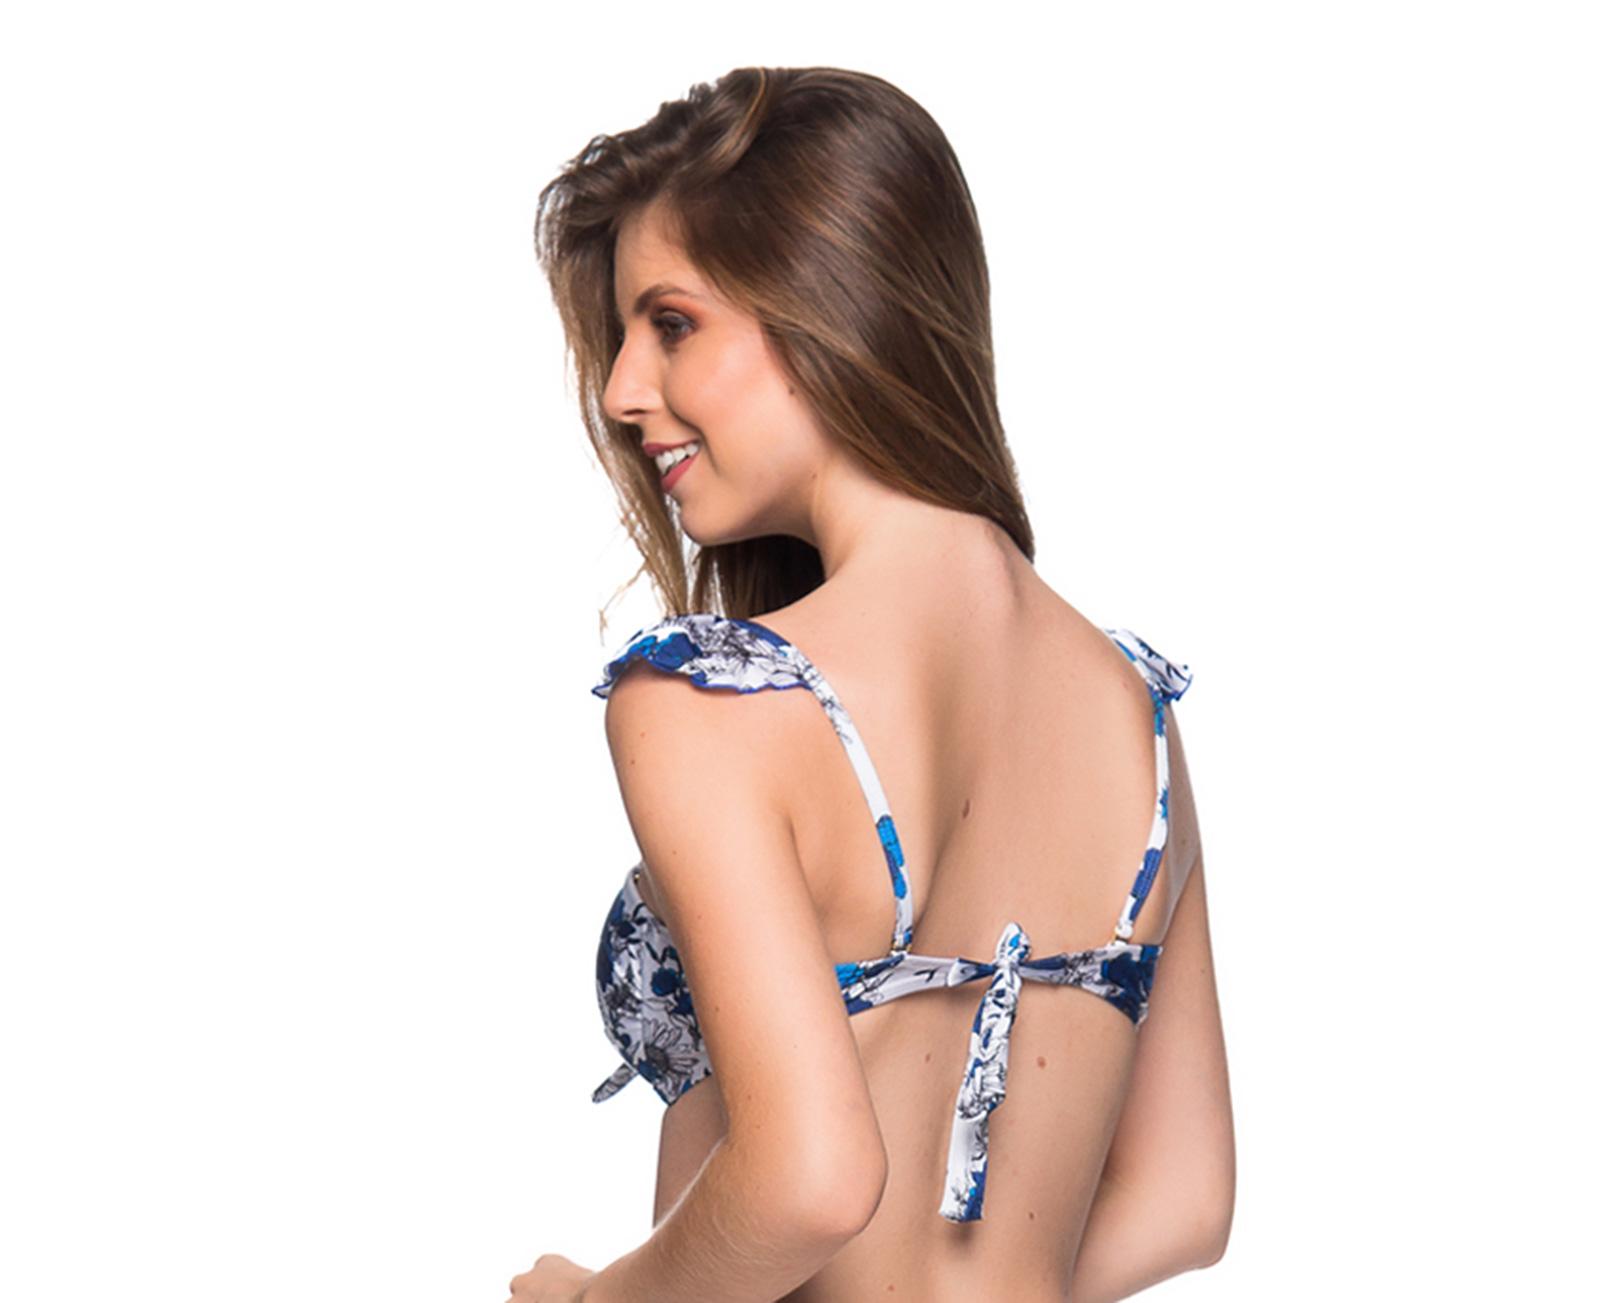 c92520e39 Sutiãs Cai-cai Floral Azul, Alças Removíveis - Top Tiras Atoba